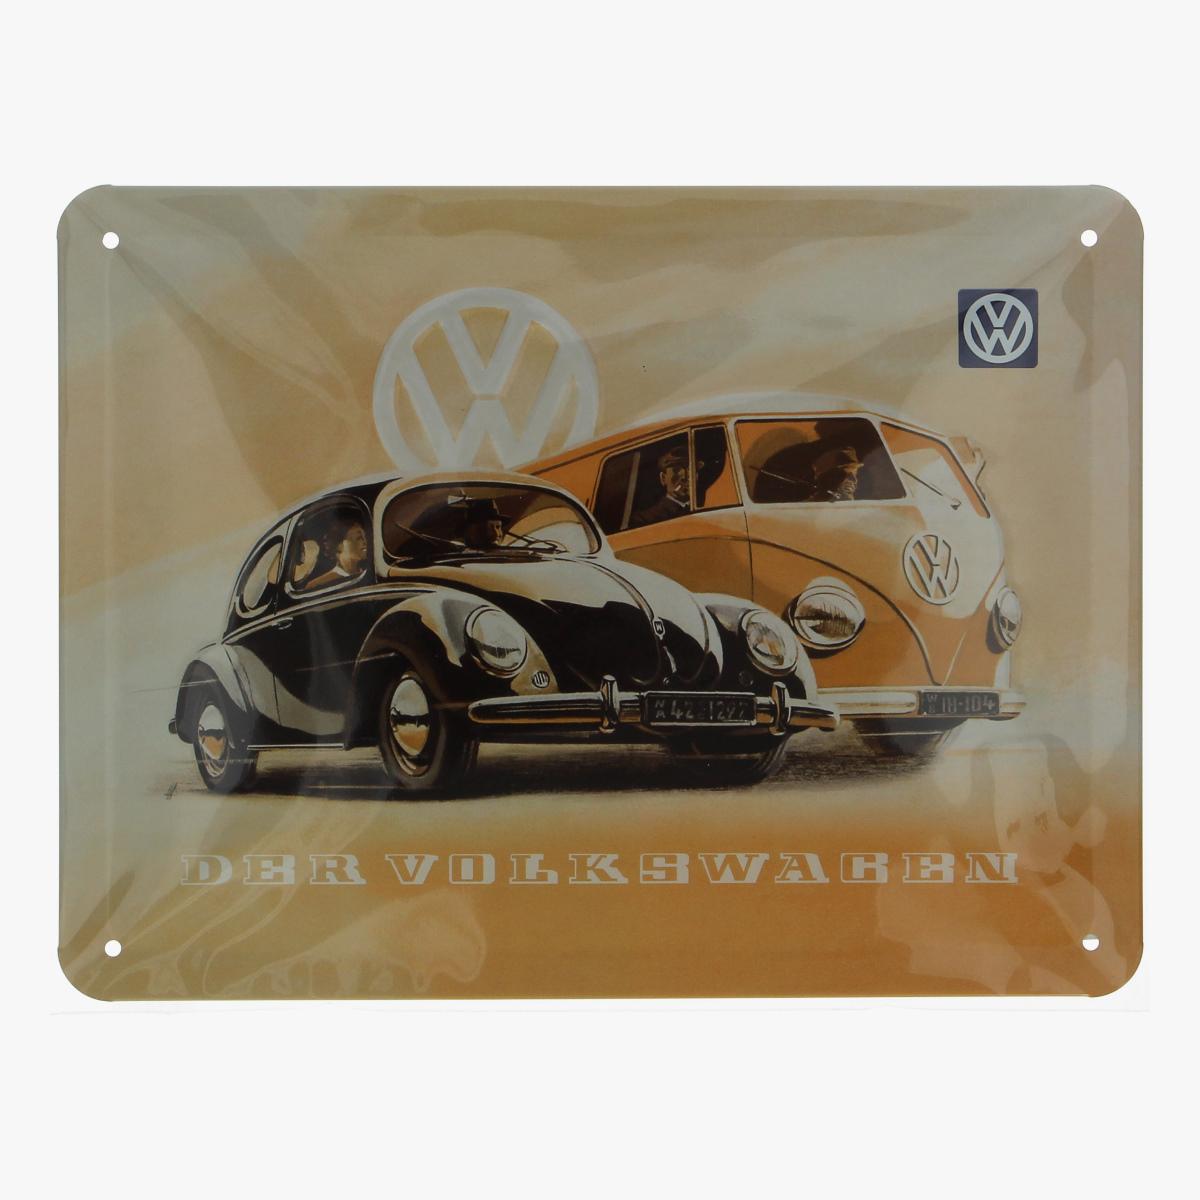 Afbeeldingen van blikken bordje der volkswagen